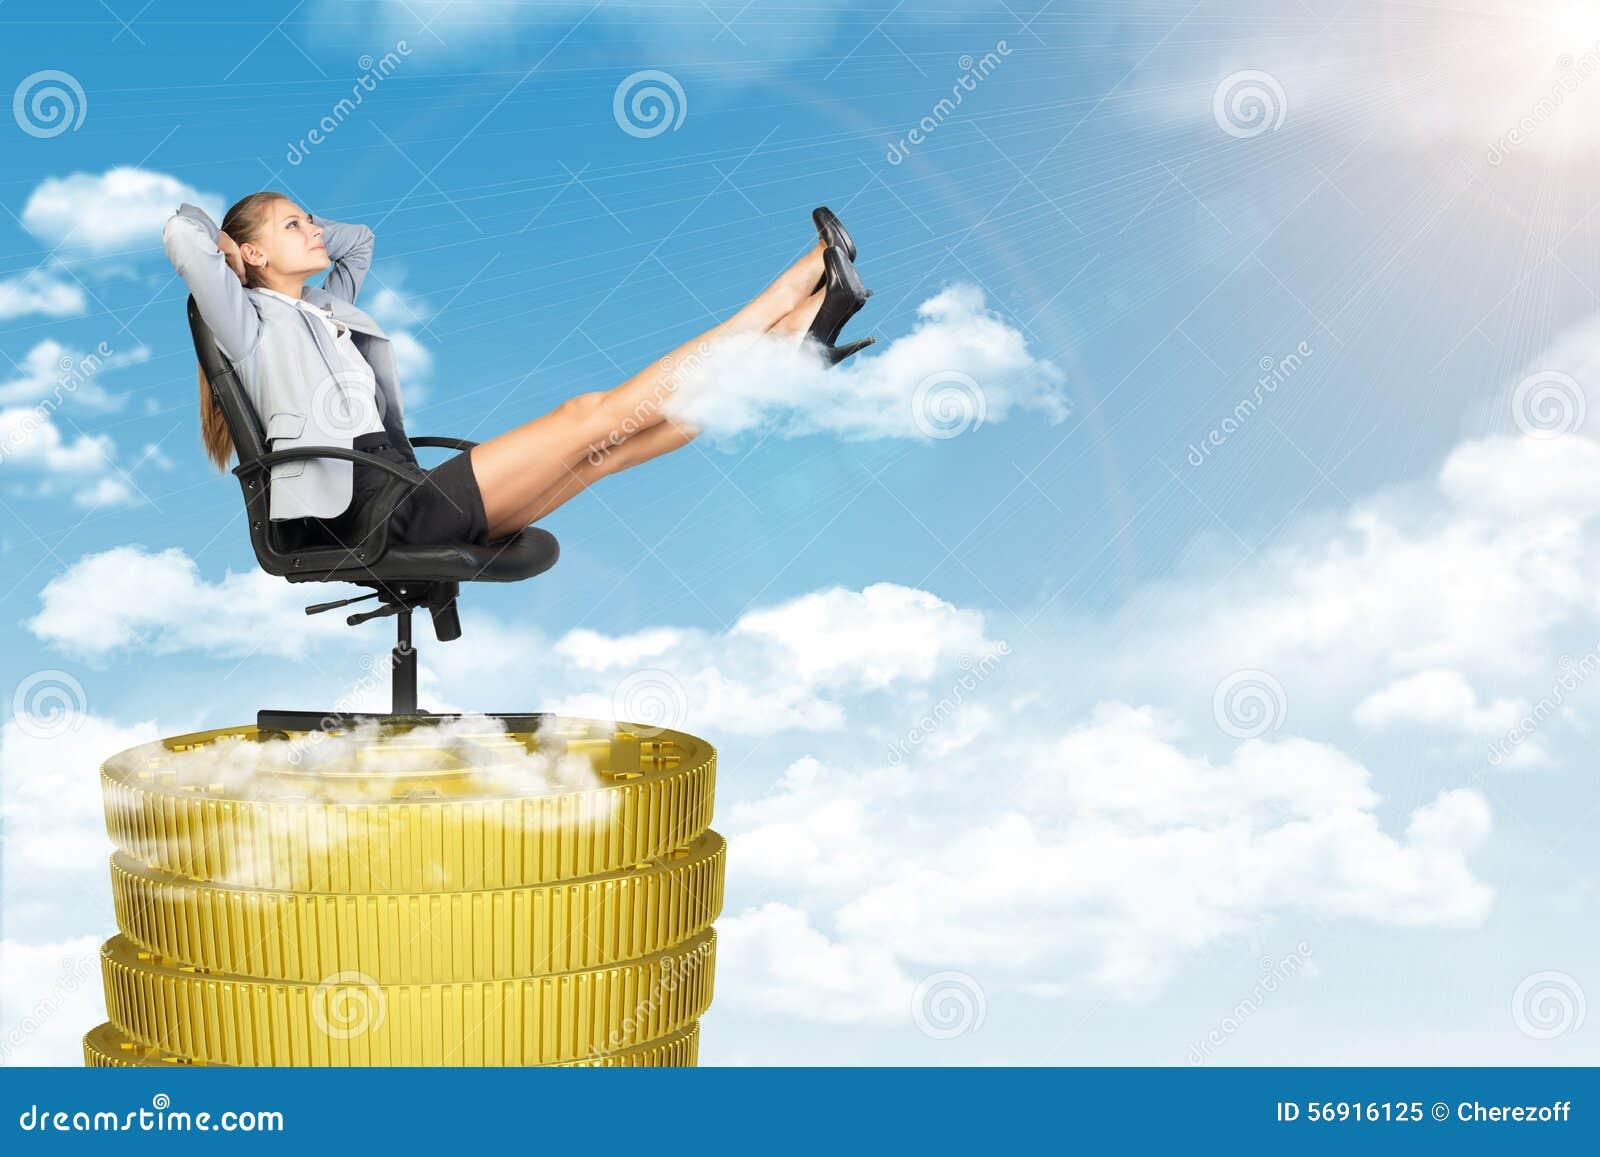 Συνεδρίαση επιχειρηματιών στην καρέκλα στο σωρό νομισμάτων